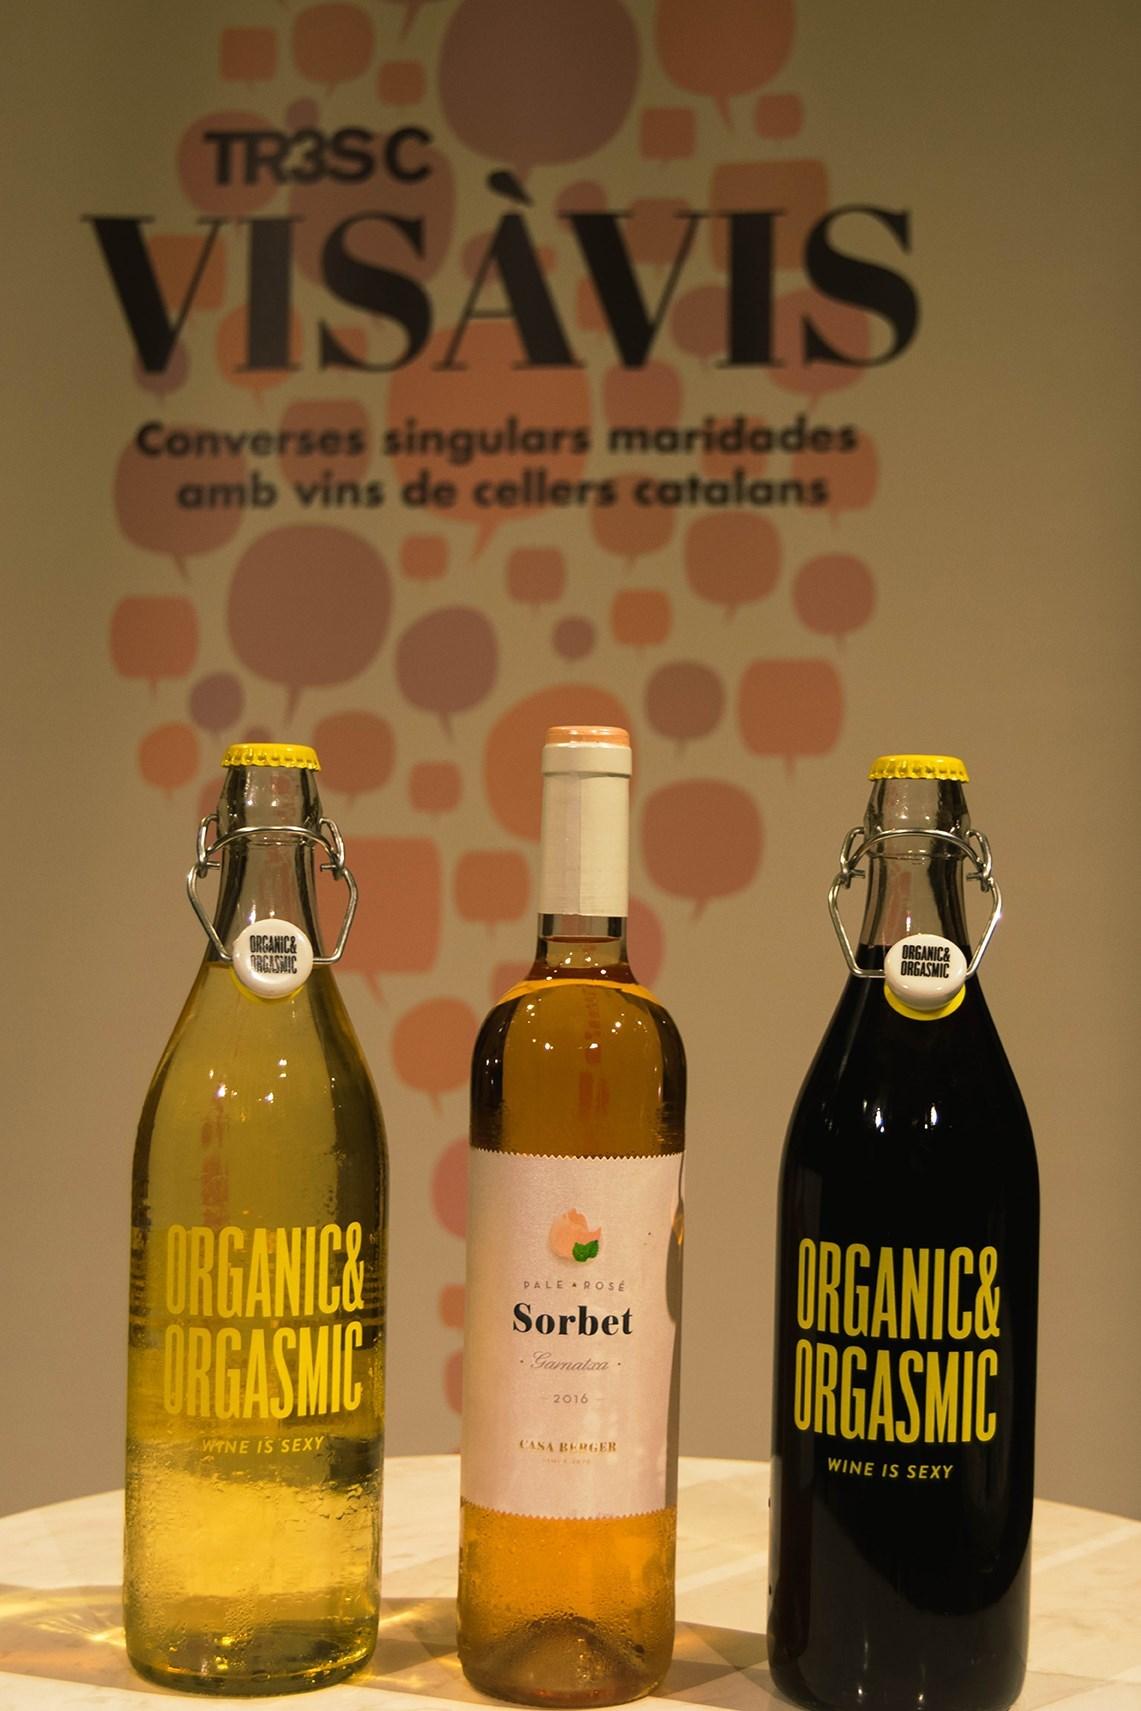 #VisàVisTR3SC amb Jordi Borràs, el celler Talcomraja i embotits de la Cooperativa Plana de Vic